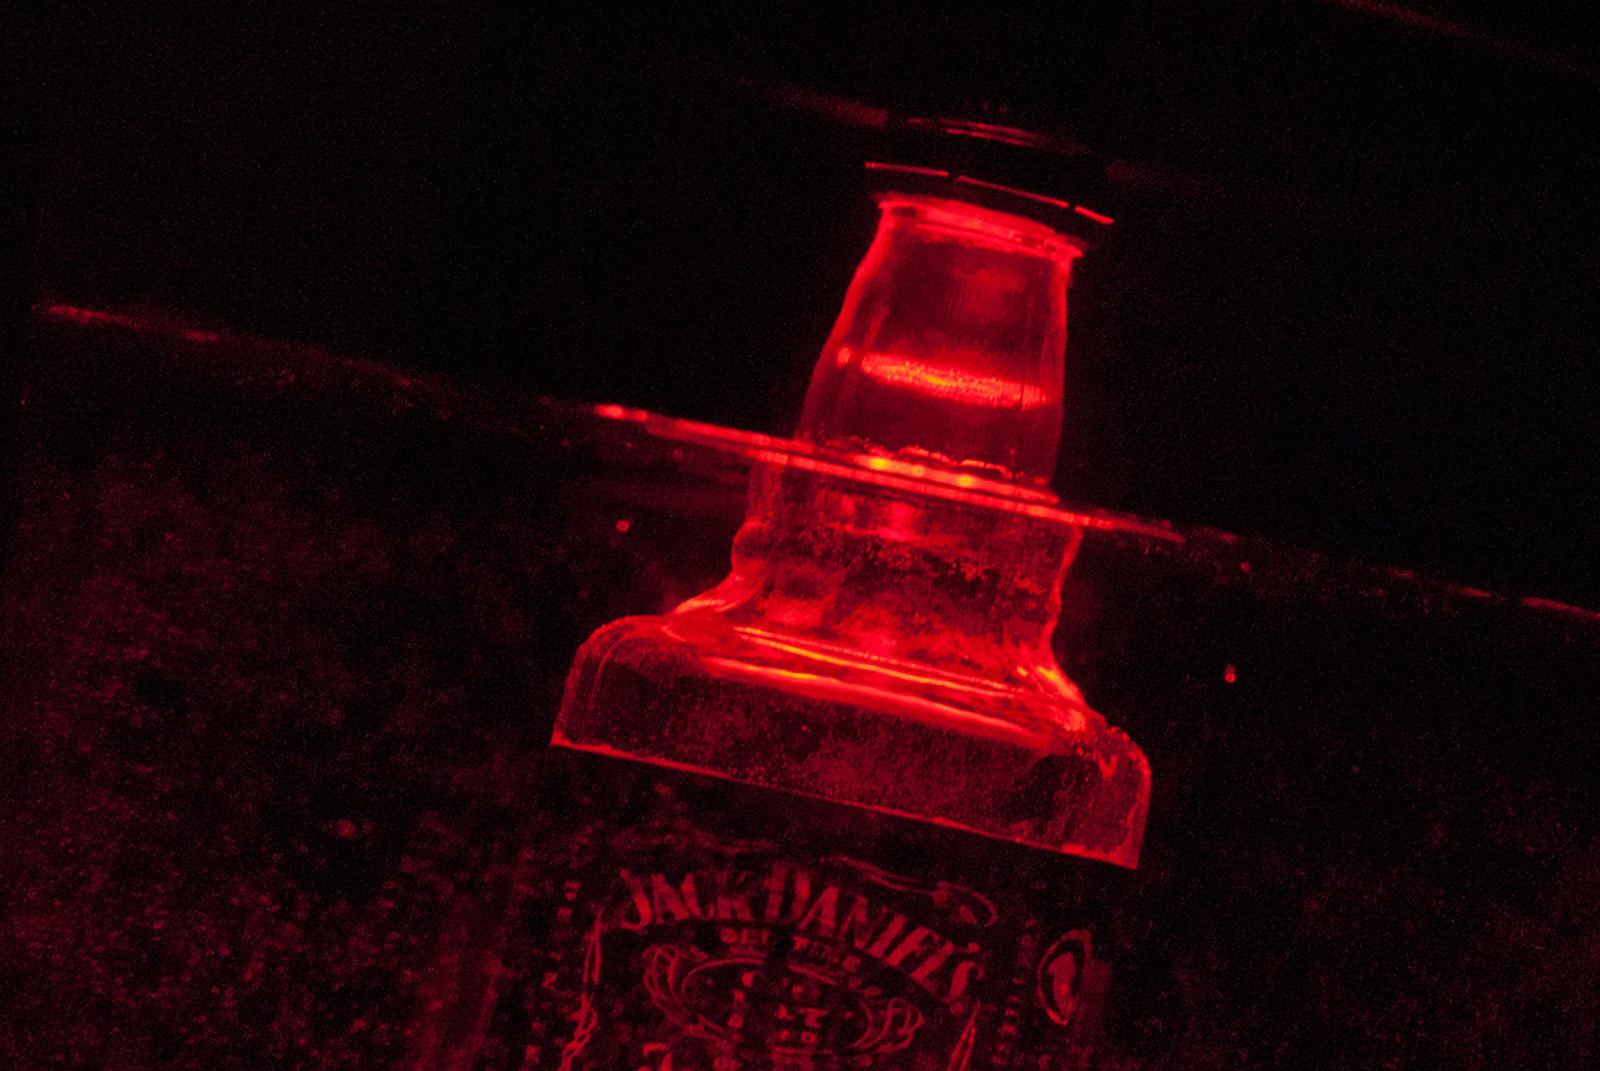 Iluminación Botella Jack Daniel's - 2